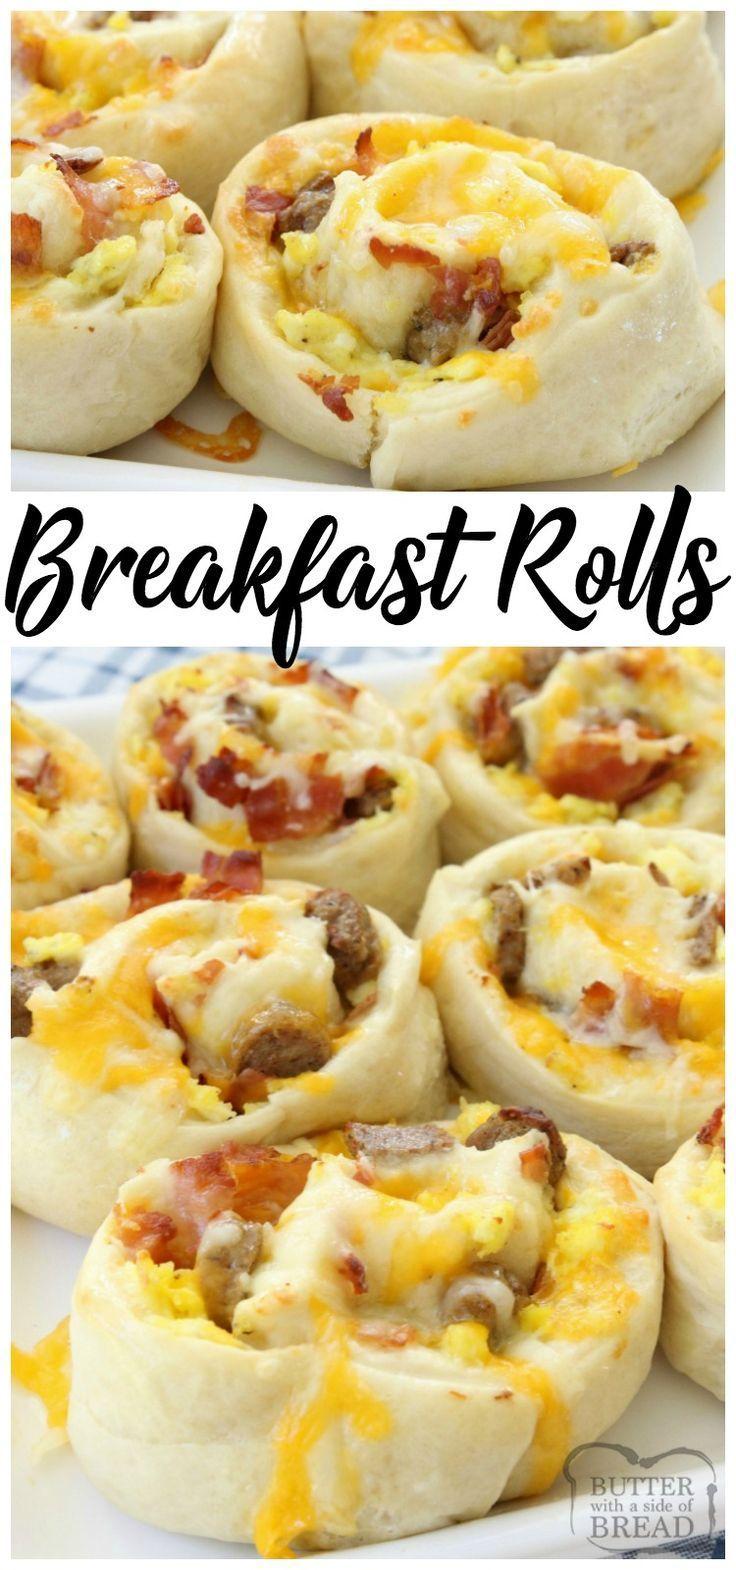 Top 25+ best Group breakfast ideas on Pinterest | Recipe ...